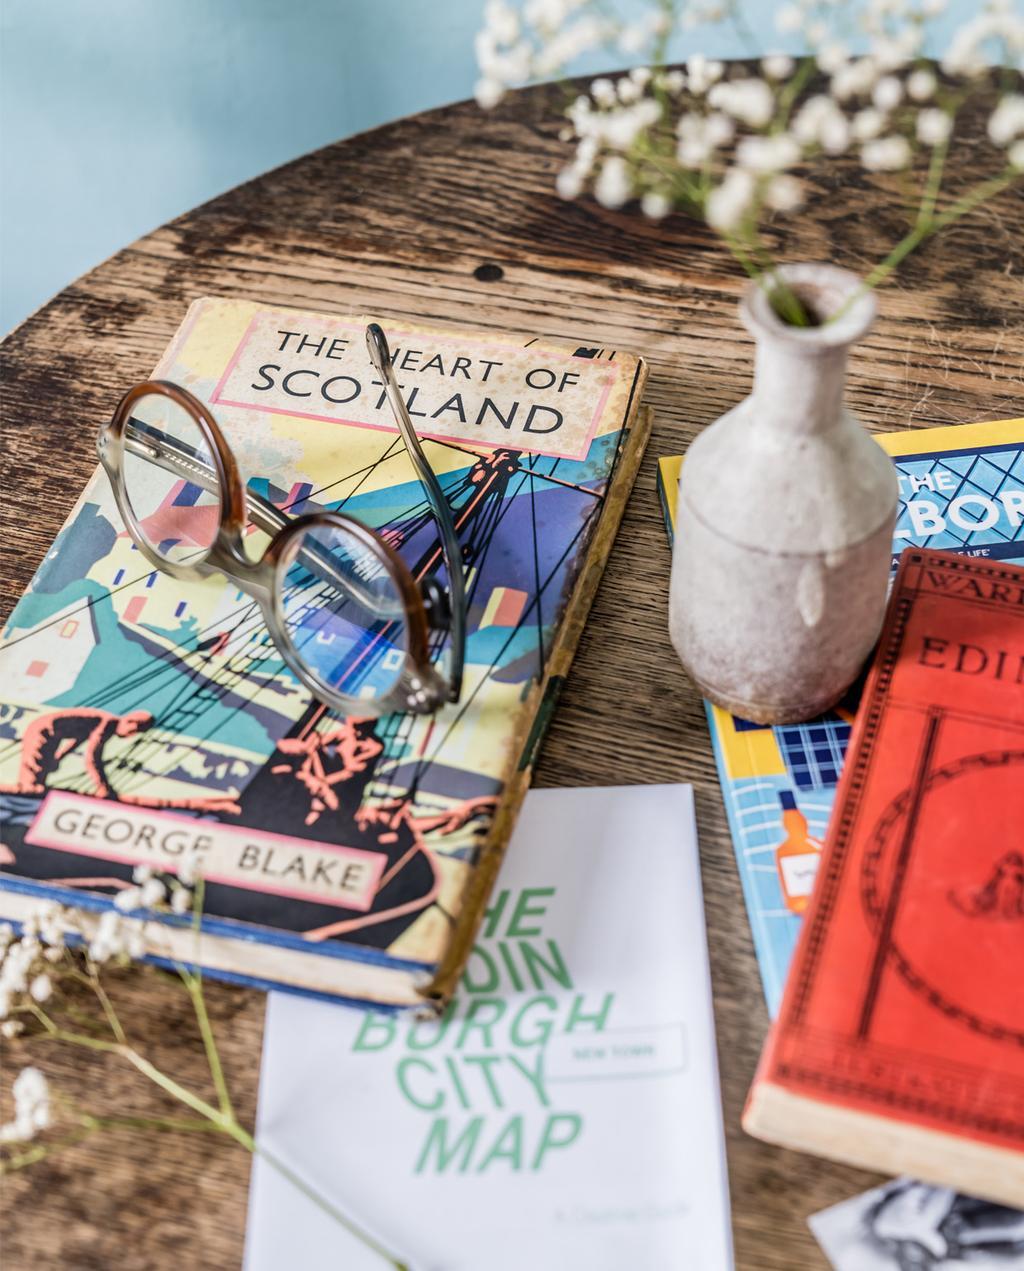 vtwonen 10-2020 | binnenkijken in Edinburgh leesboeken op tafel